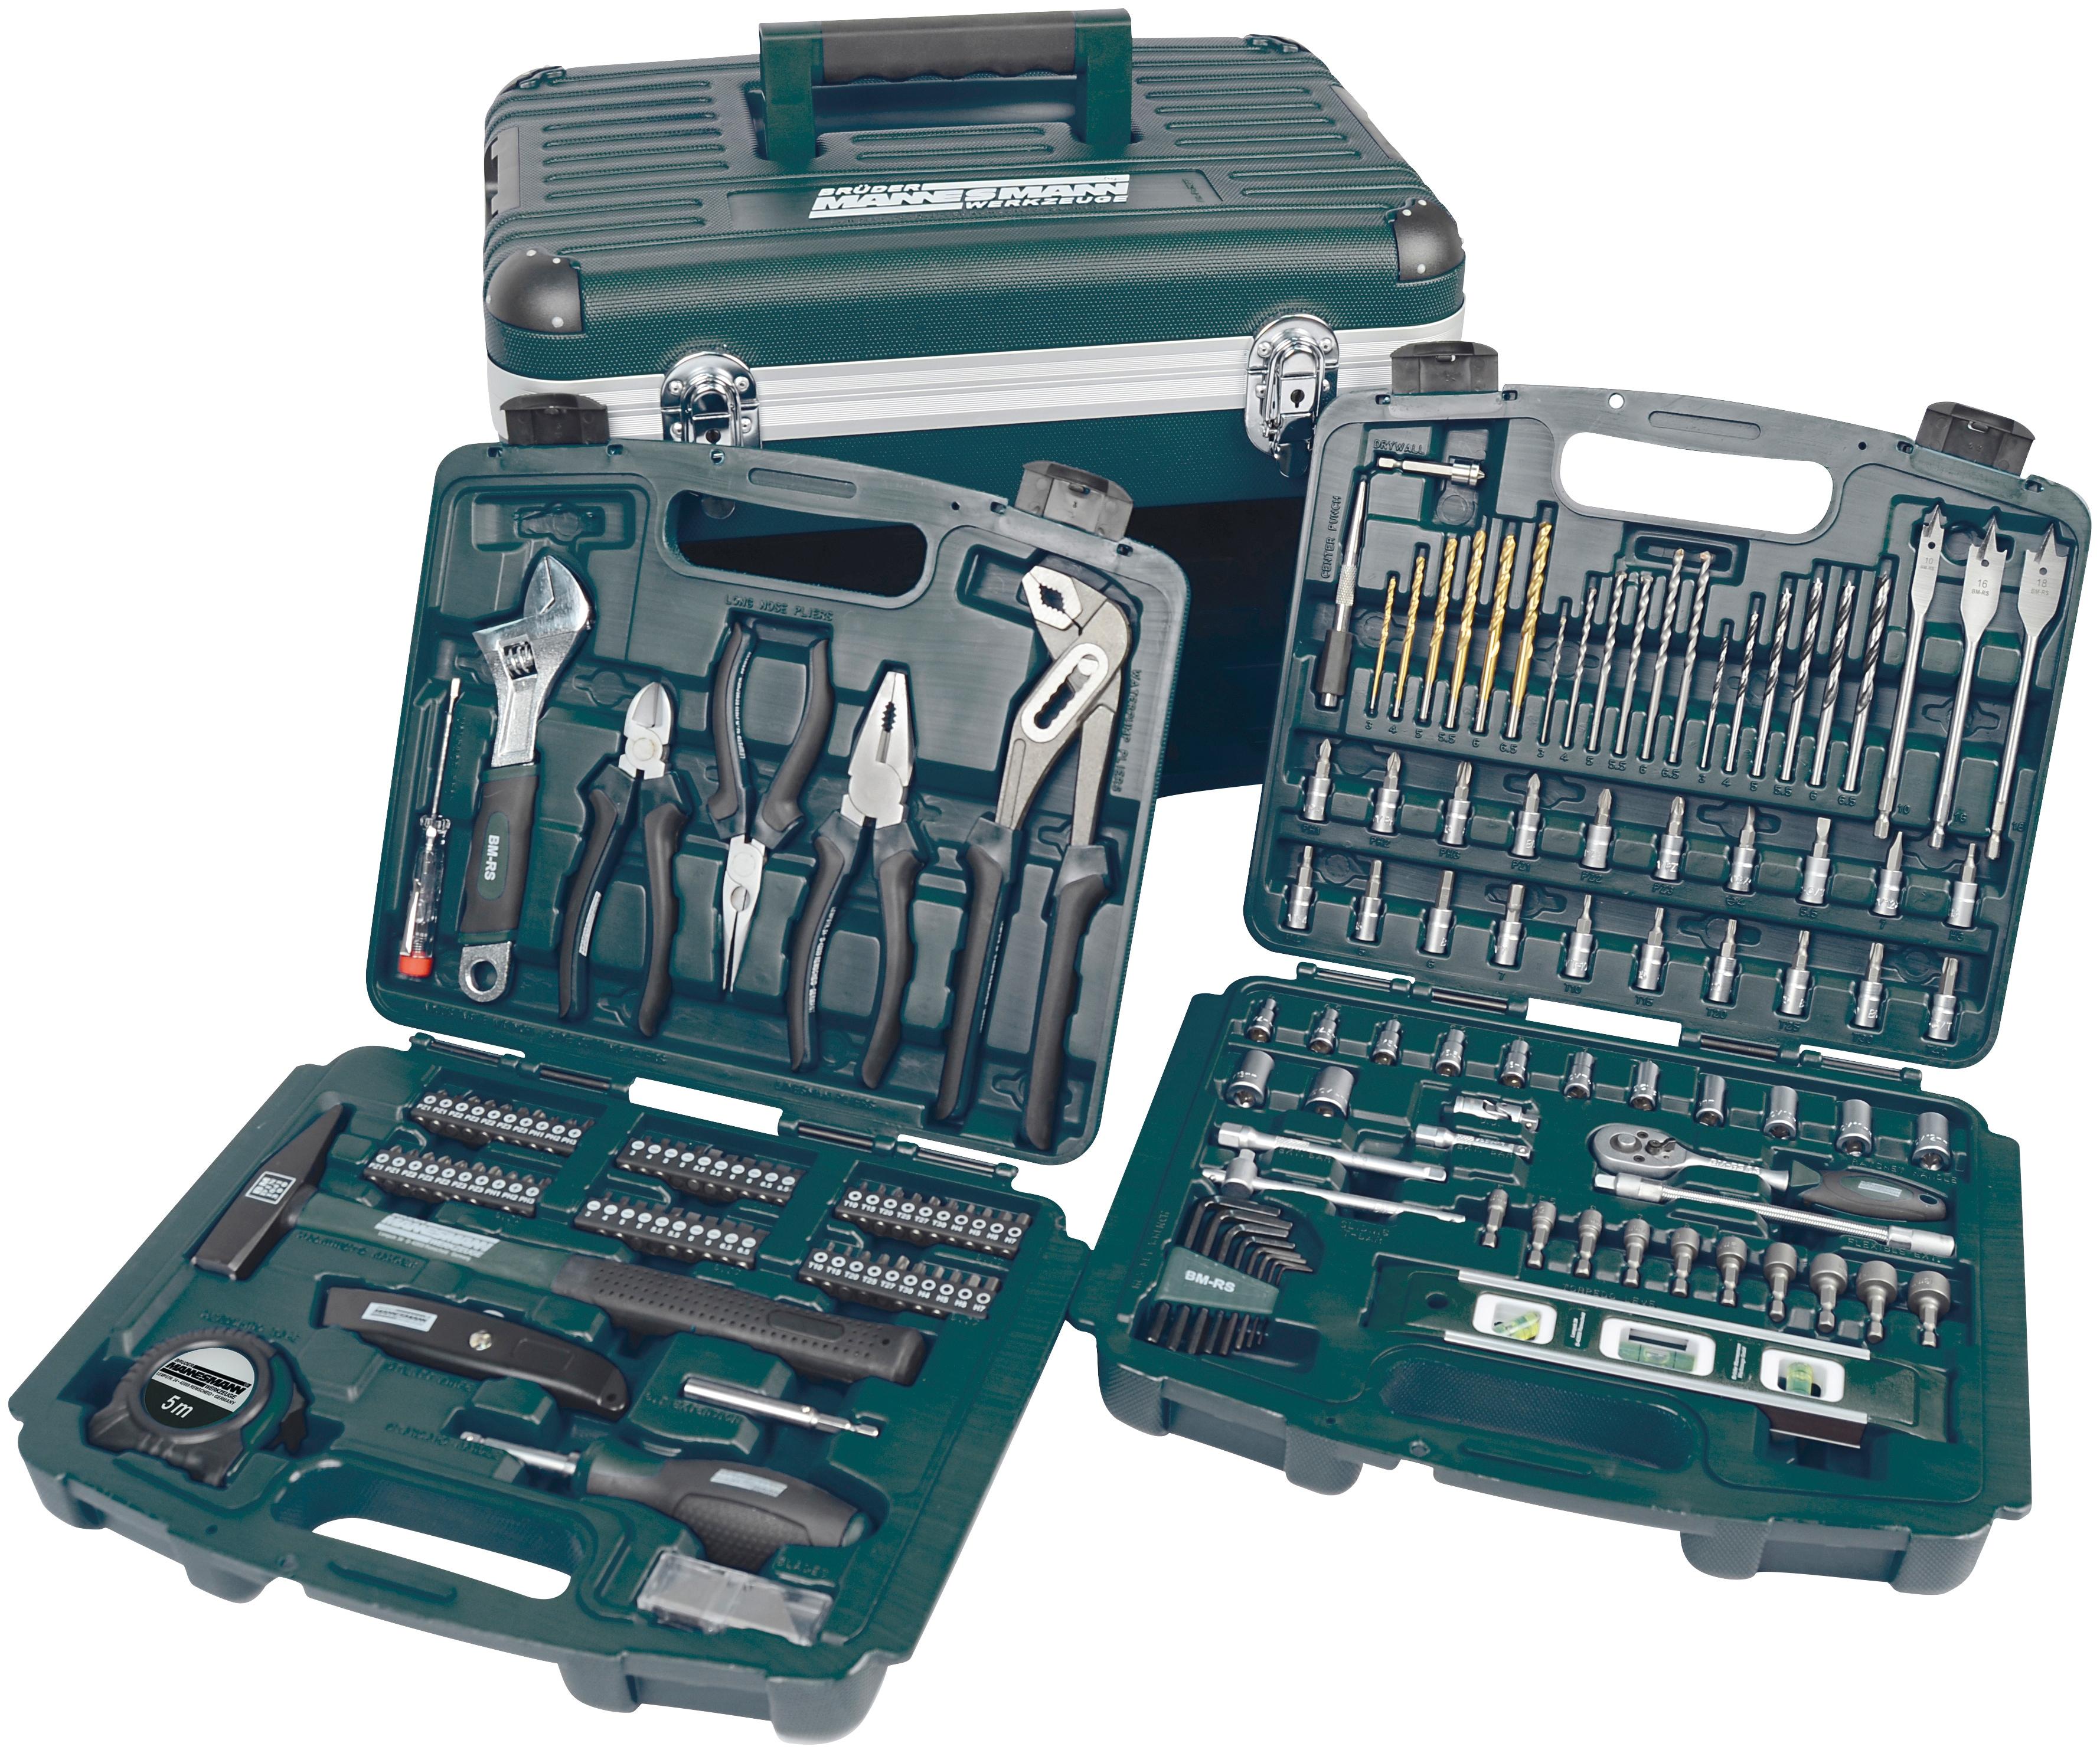 Brueder Mannesmann Werkzeuge Werkzeugbox »163-tlg.« | Baumarkt > Werkzeug > Werkzeug-Sets | Grün | Holz | BRUEDER MANNESMANN WERKZEUGE